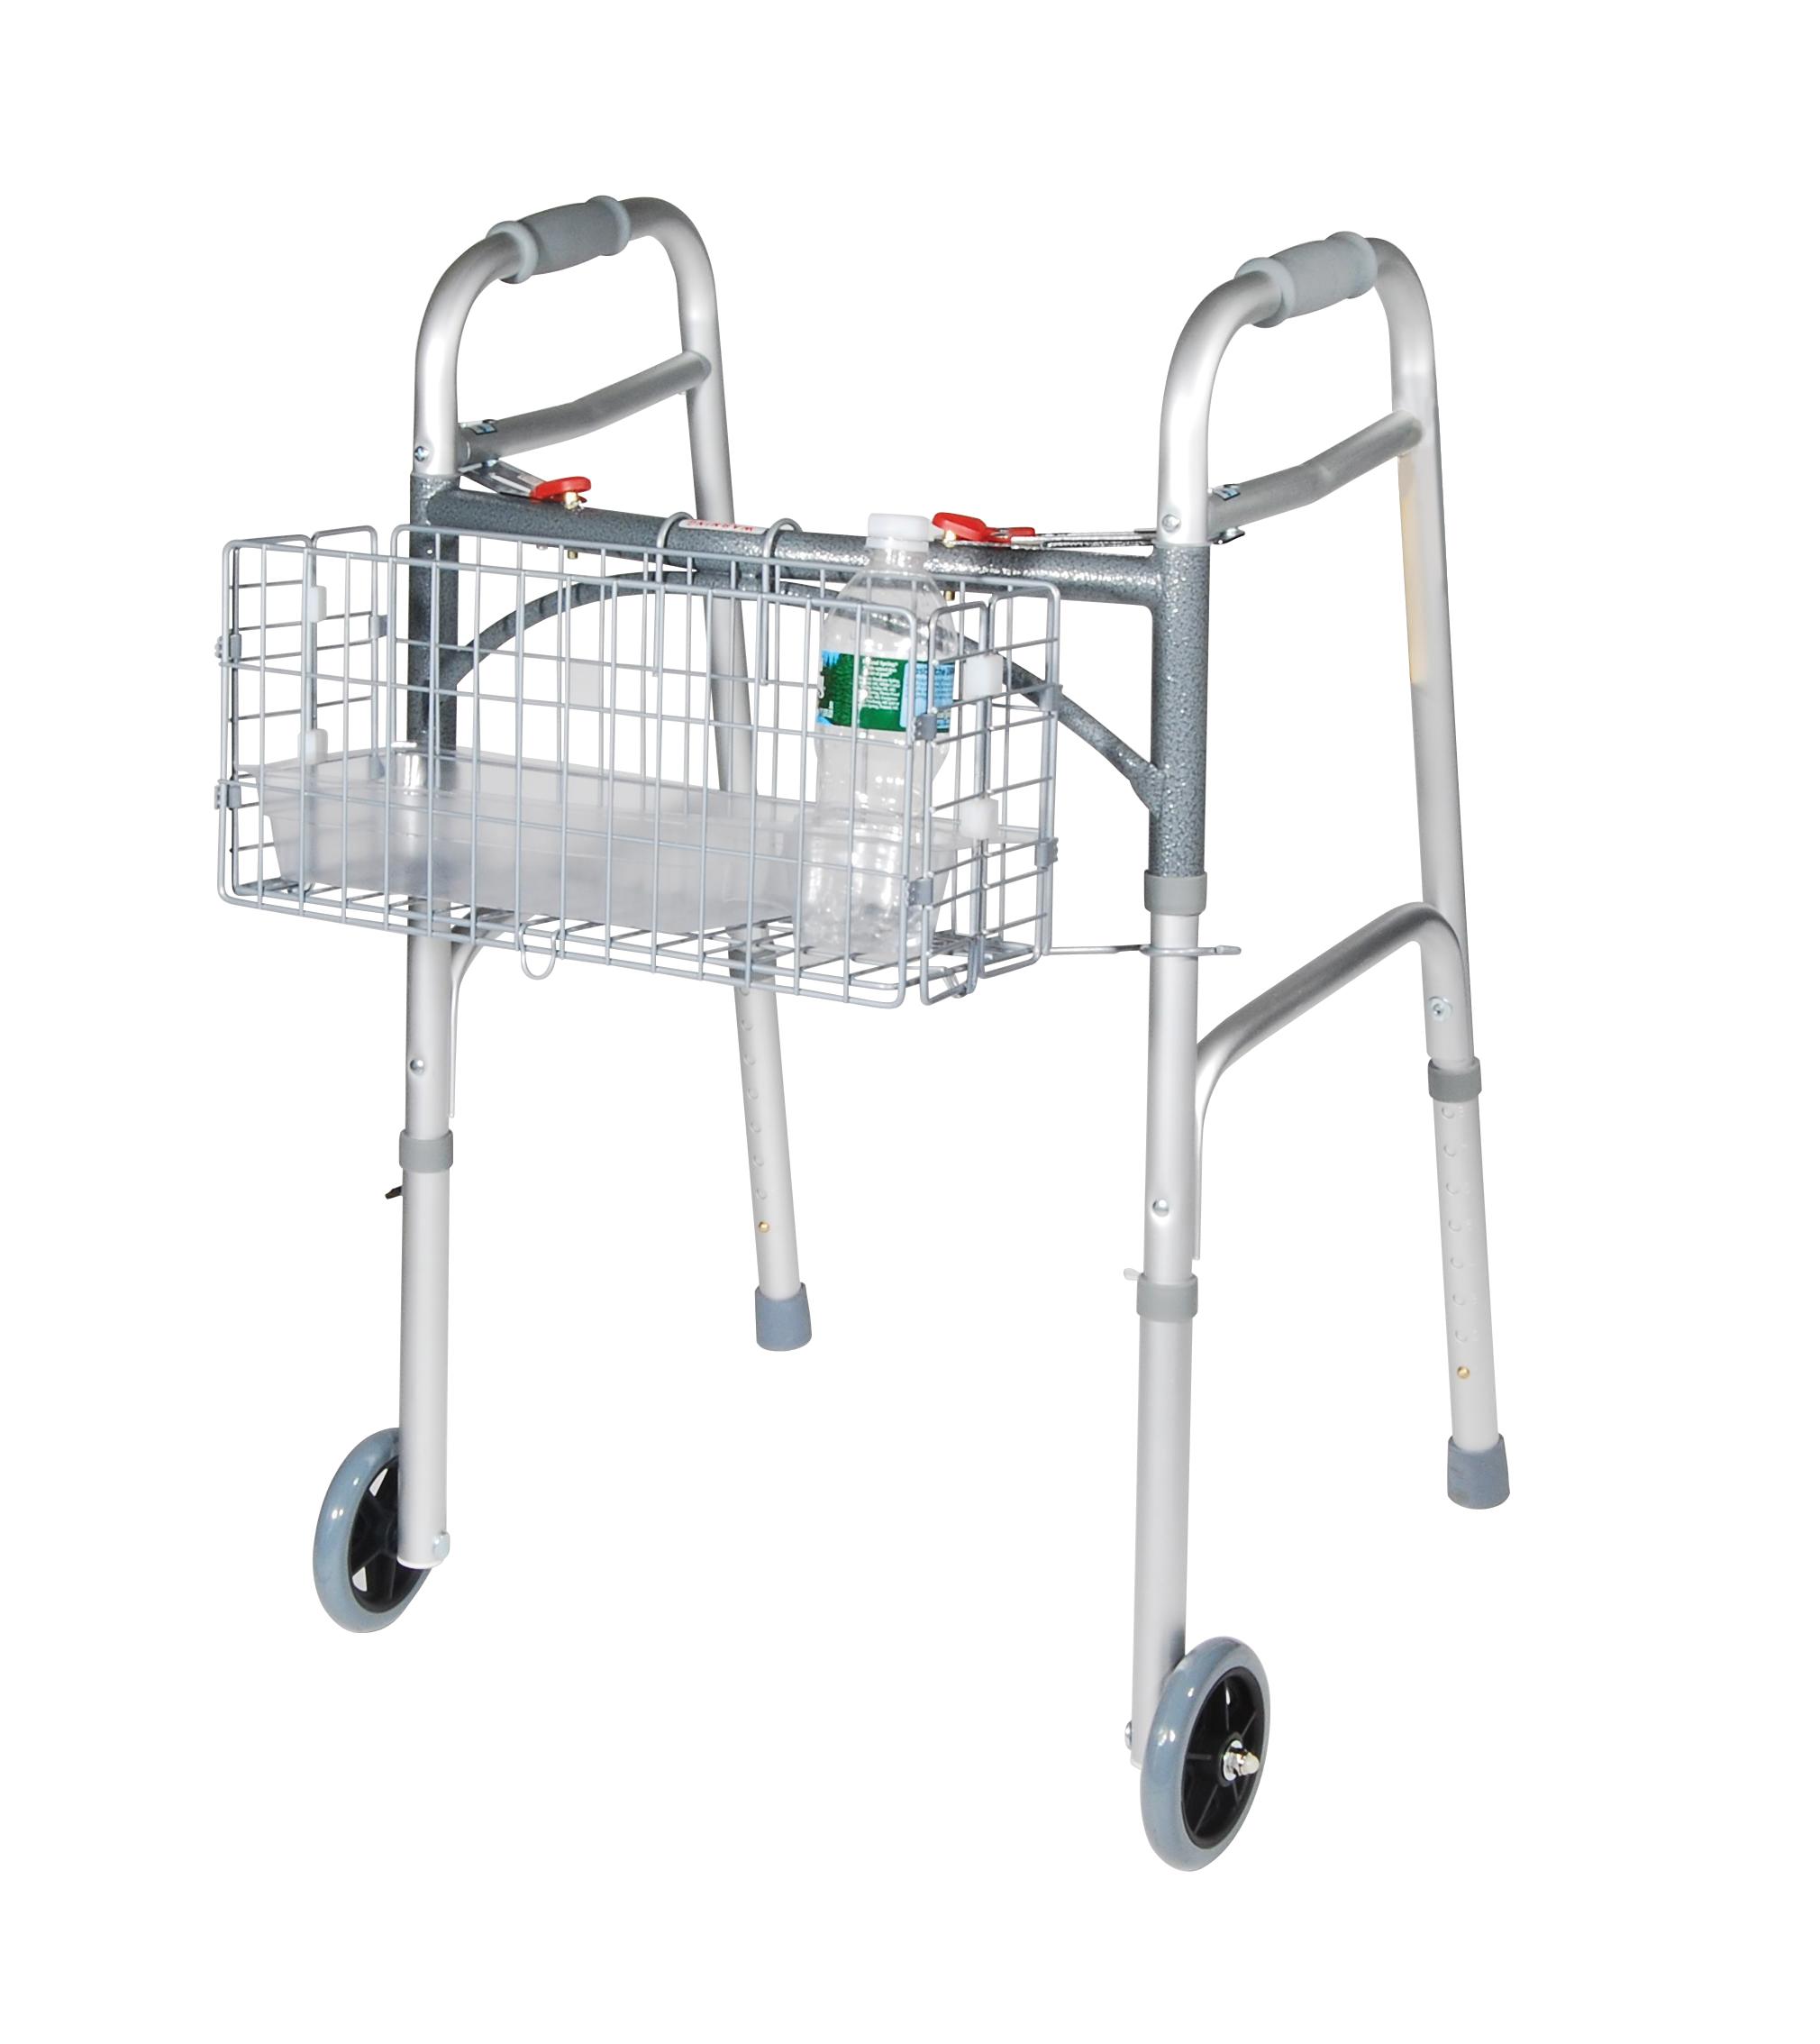 Folding Walker Basket Walker Baskets Rtl10200fb Drive Medical